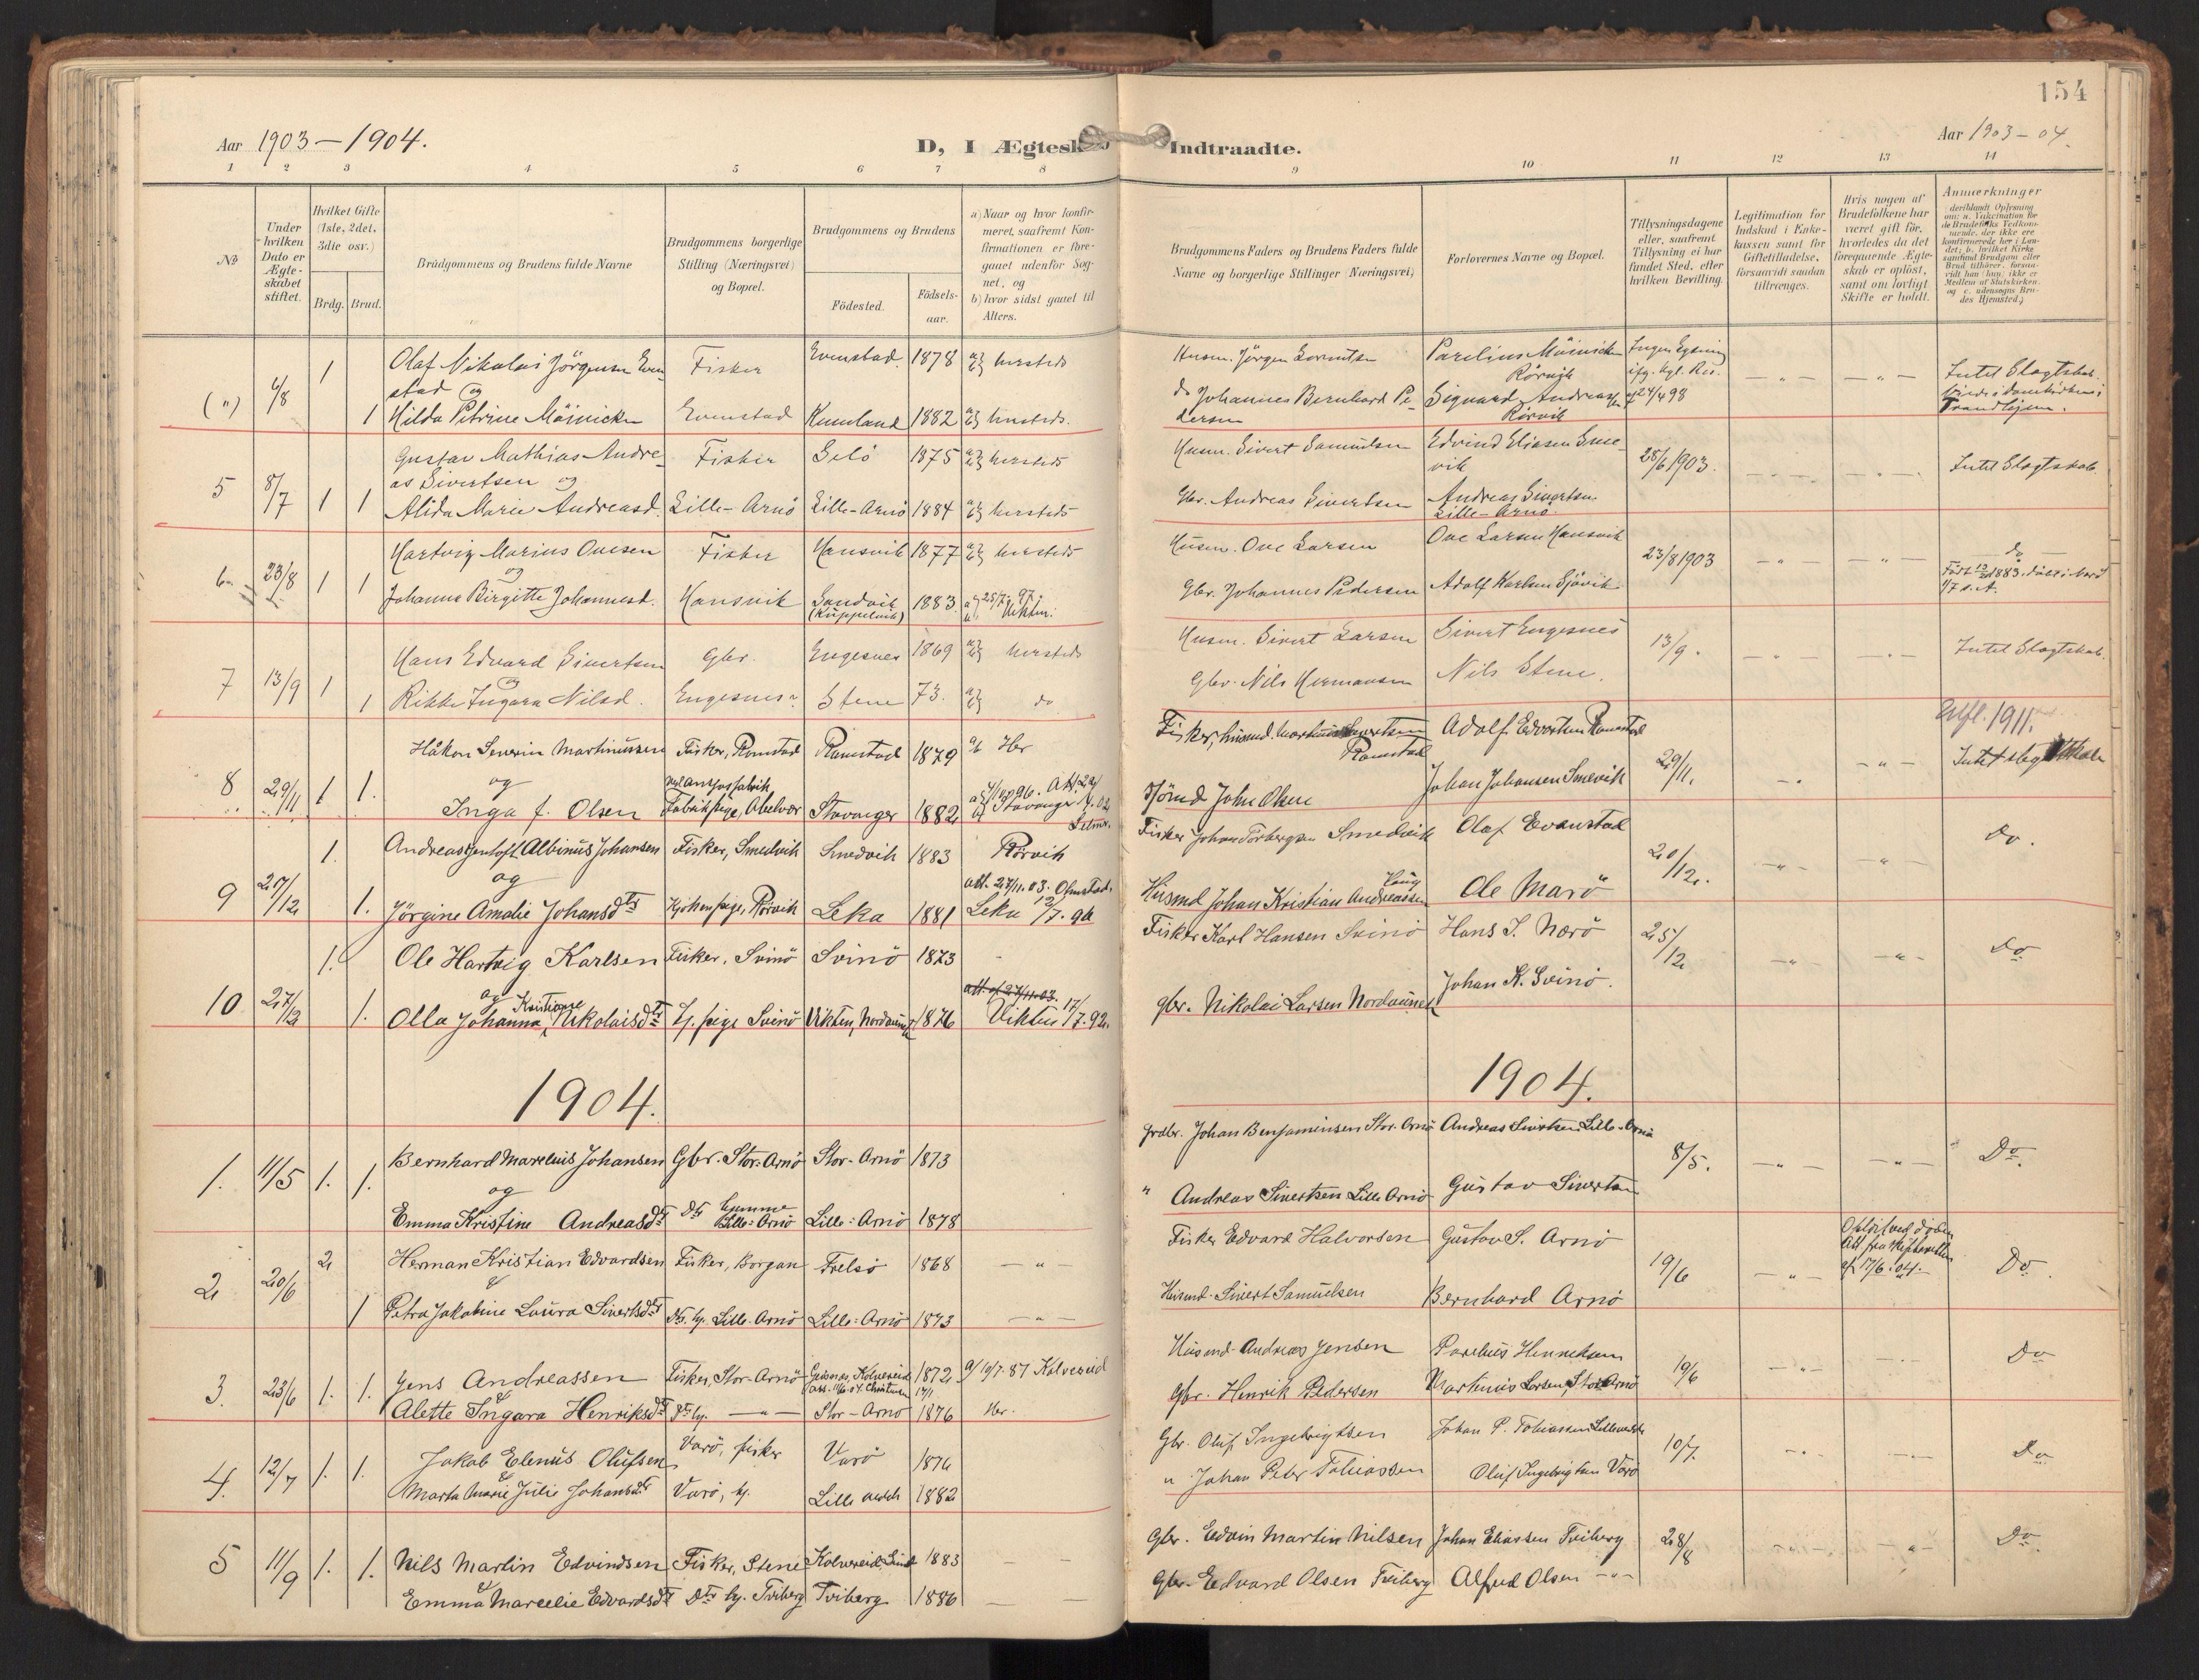 SAT, Ministerialprotokoller, klokkerbøker og fødselsregistre - Nord-Trøndelag, 784/L0677: Ministerialbok nr. 784A12, 1900-1920, s. 154